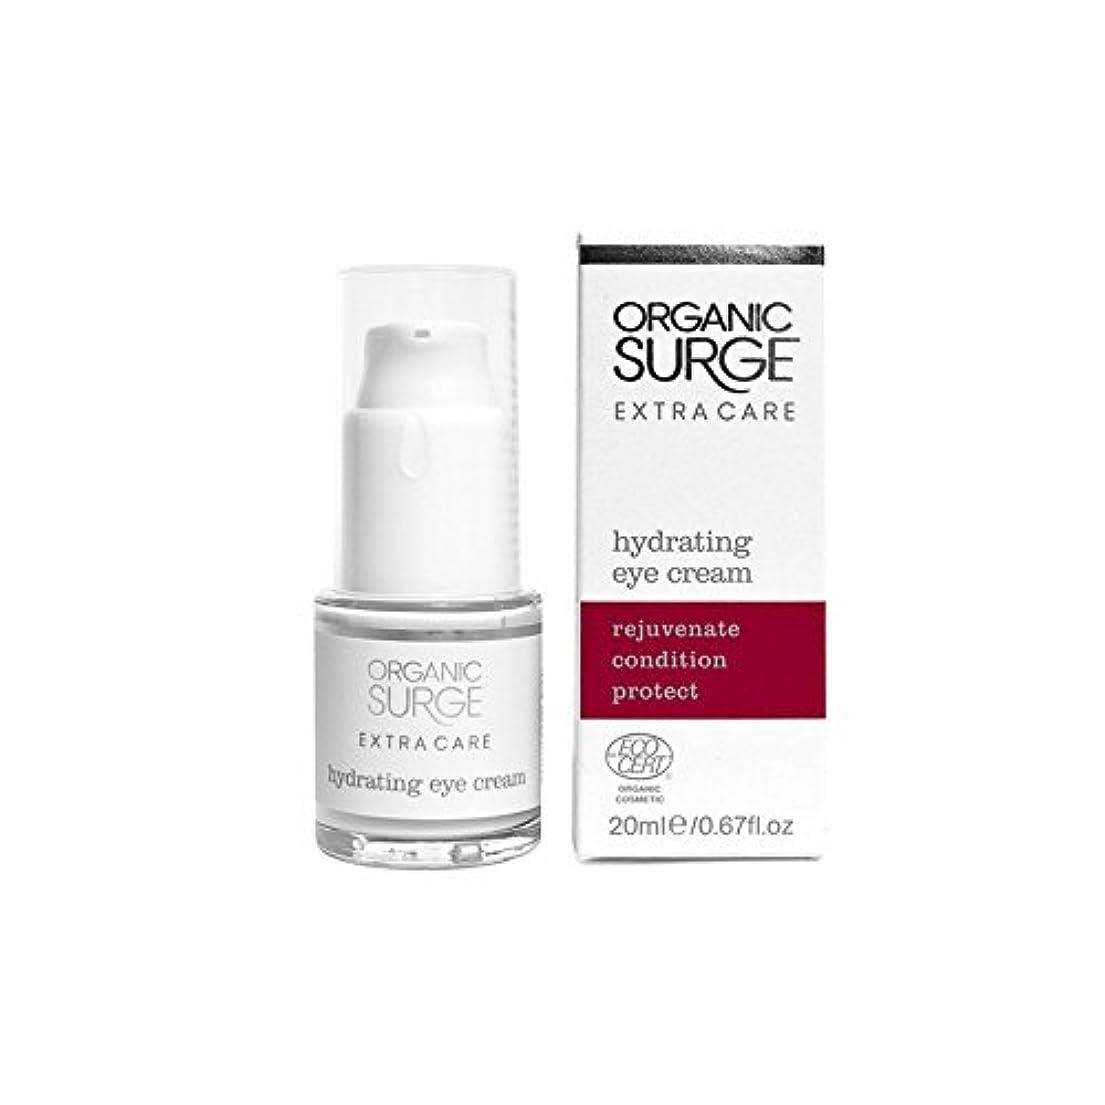 窒素レイアウト行商Organic Surge Extra Care Hydrating Eye Cream (20ml) - 有機サージエクストラケア水和アイクリーム(20ミリリットル) [並行輸入品]